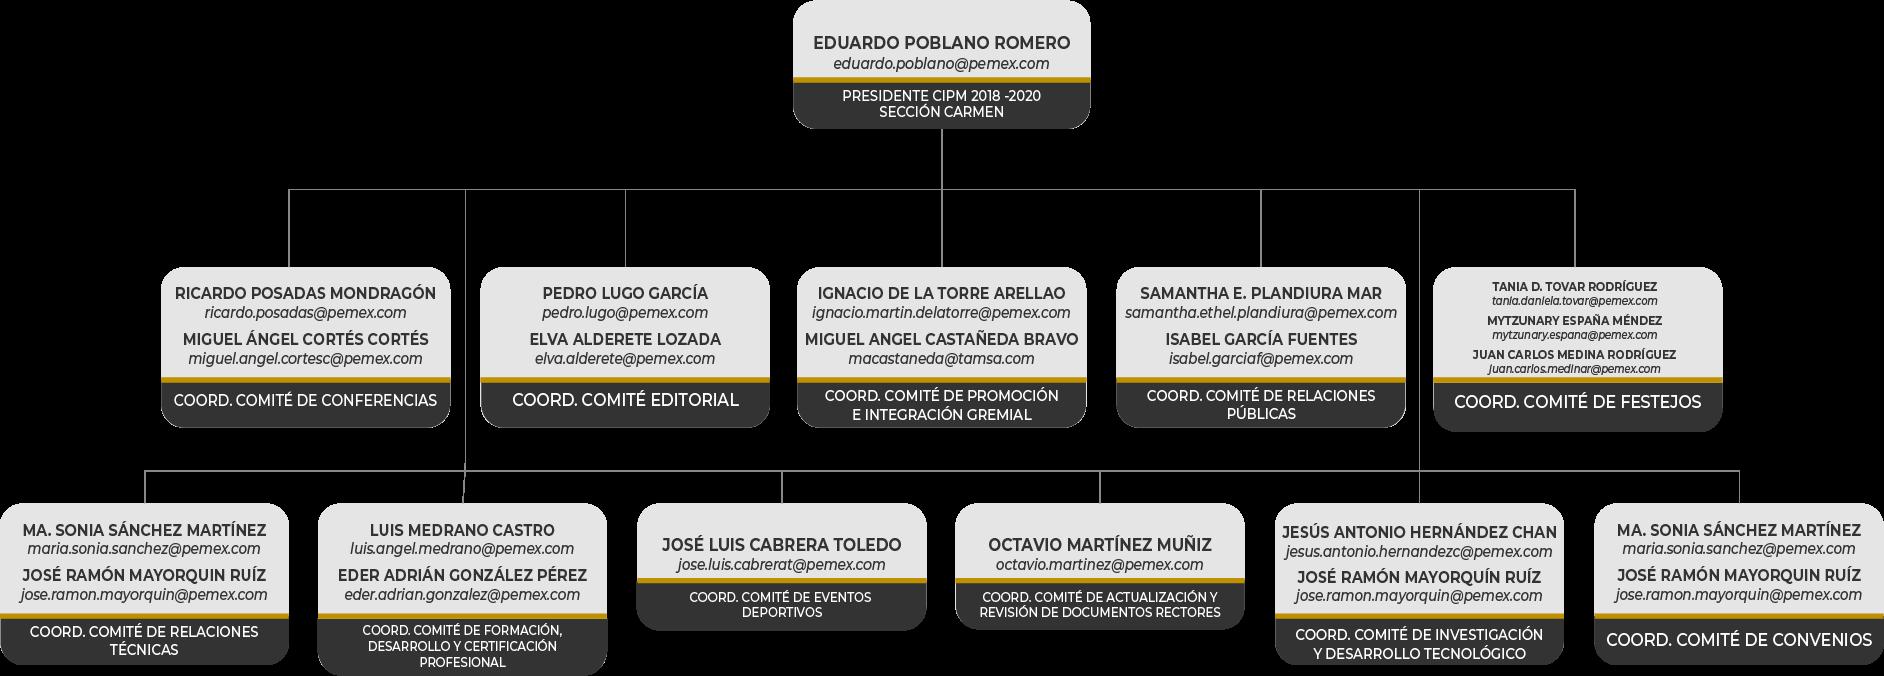 Coordinadores Comisiones CIPM Carmen 2018-2020